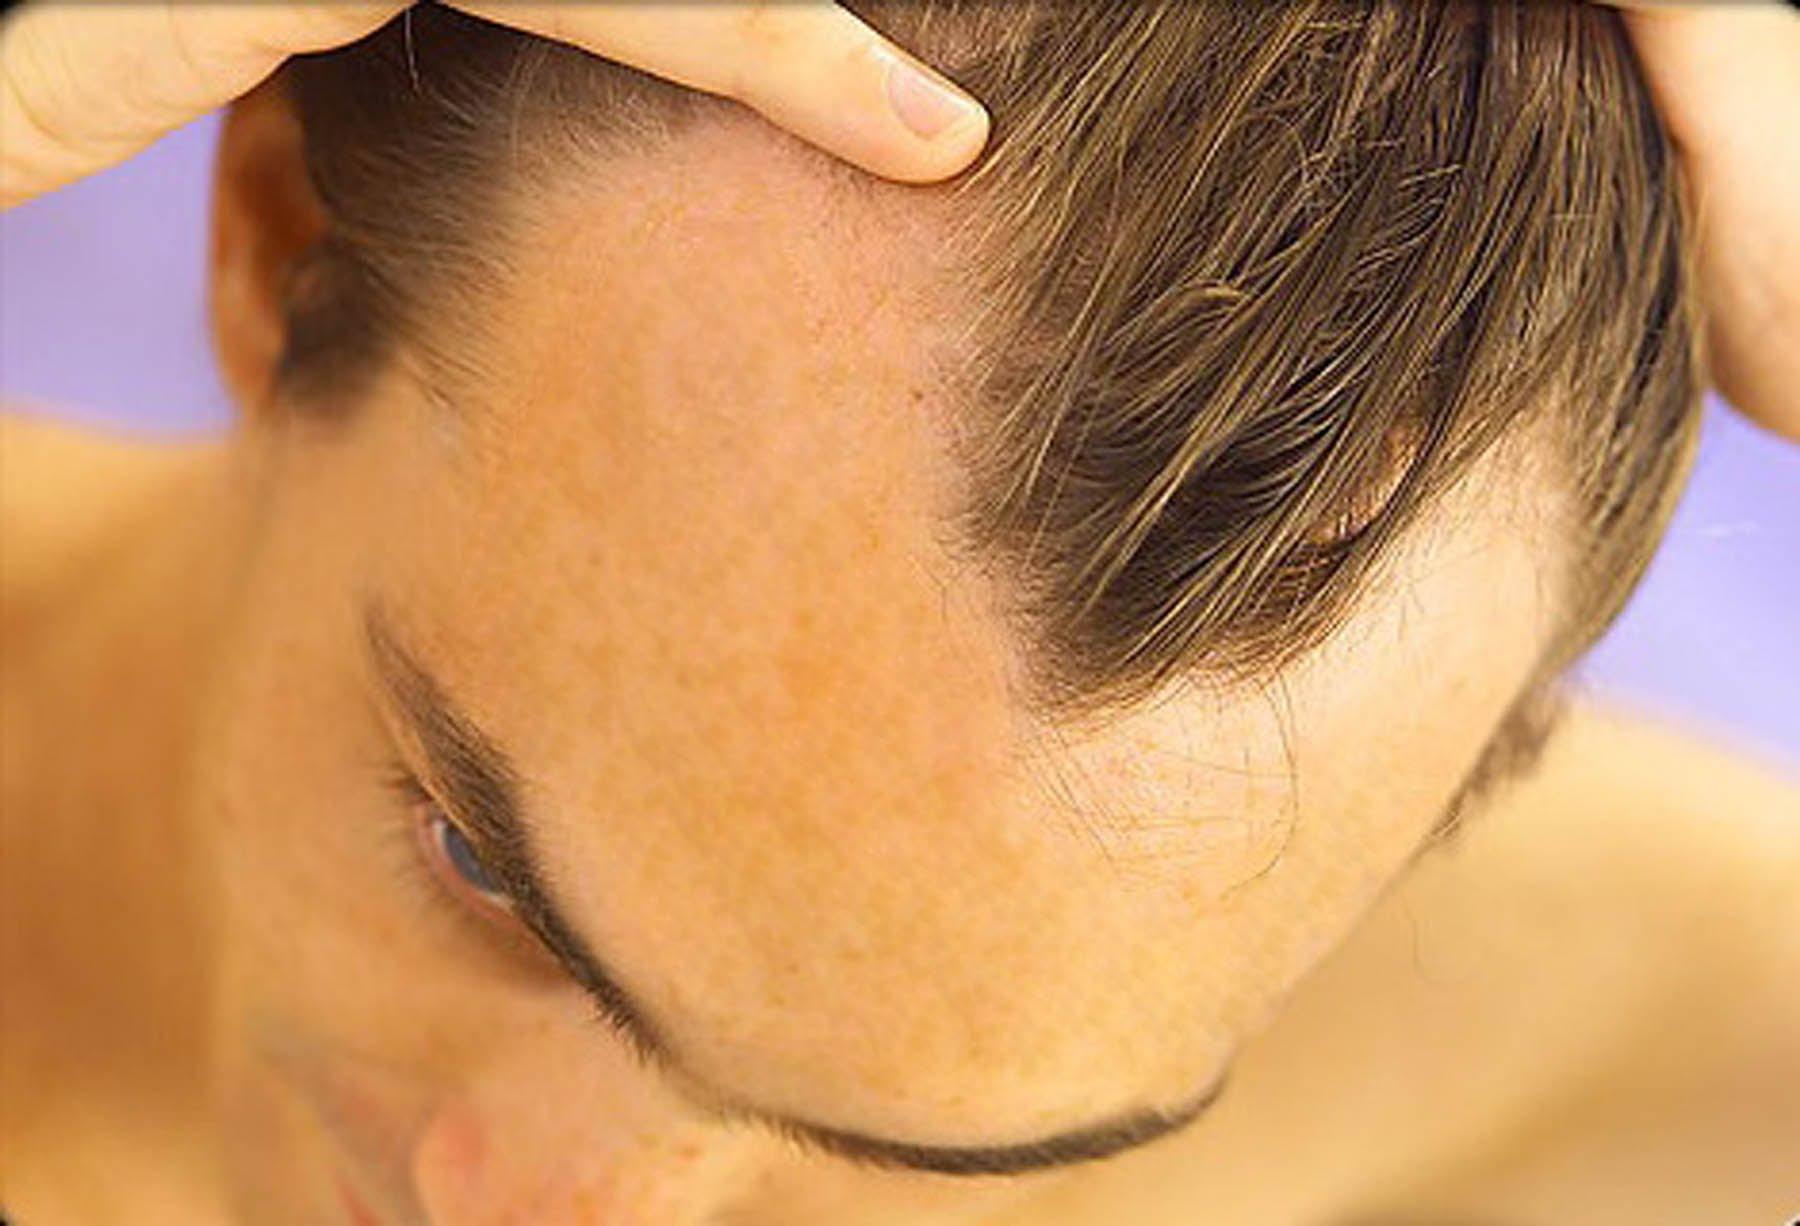 como-esconder-careca-como-disfarcar-calvicie-moda-sem-censura-blog-de-moda-masculina-blogger-youtuber-jet-hair-cabelo-masculino-esconder-entradas-haircut-hairstyle-mens-grooming